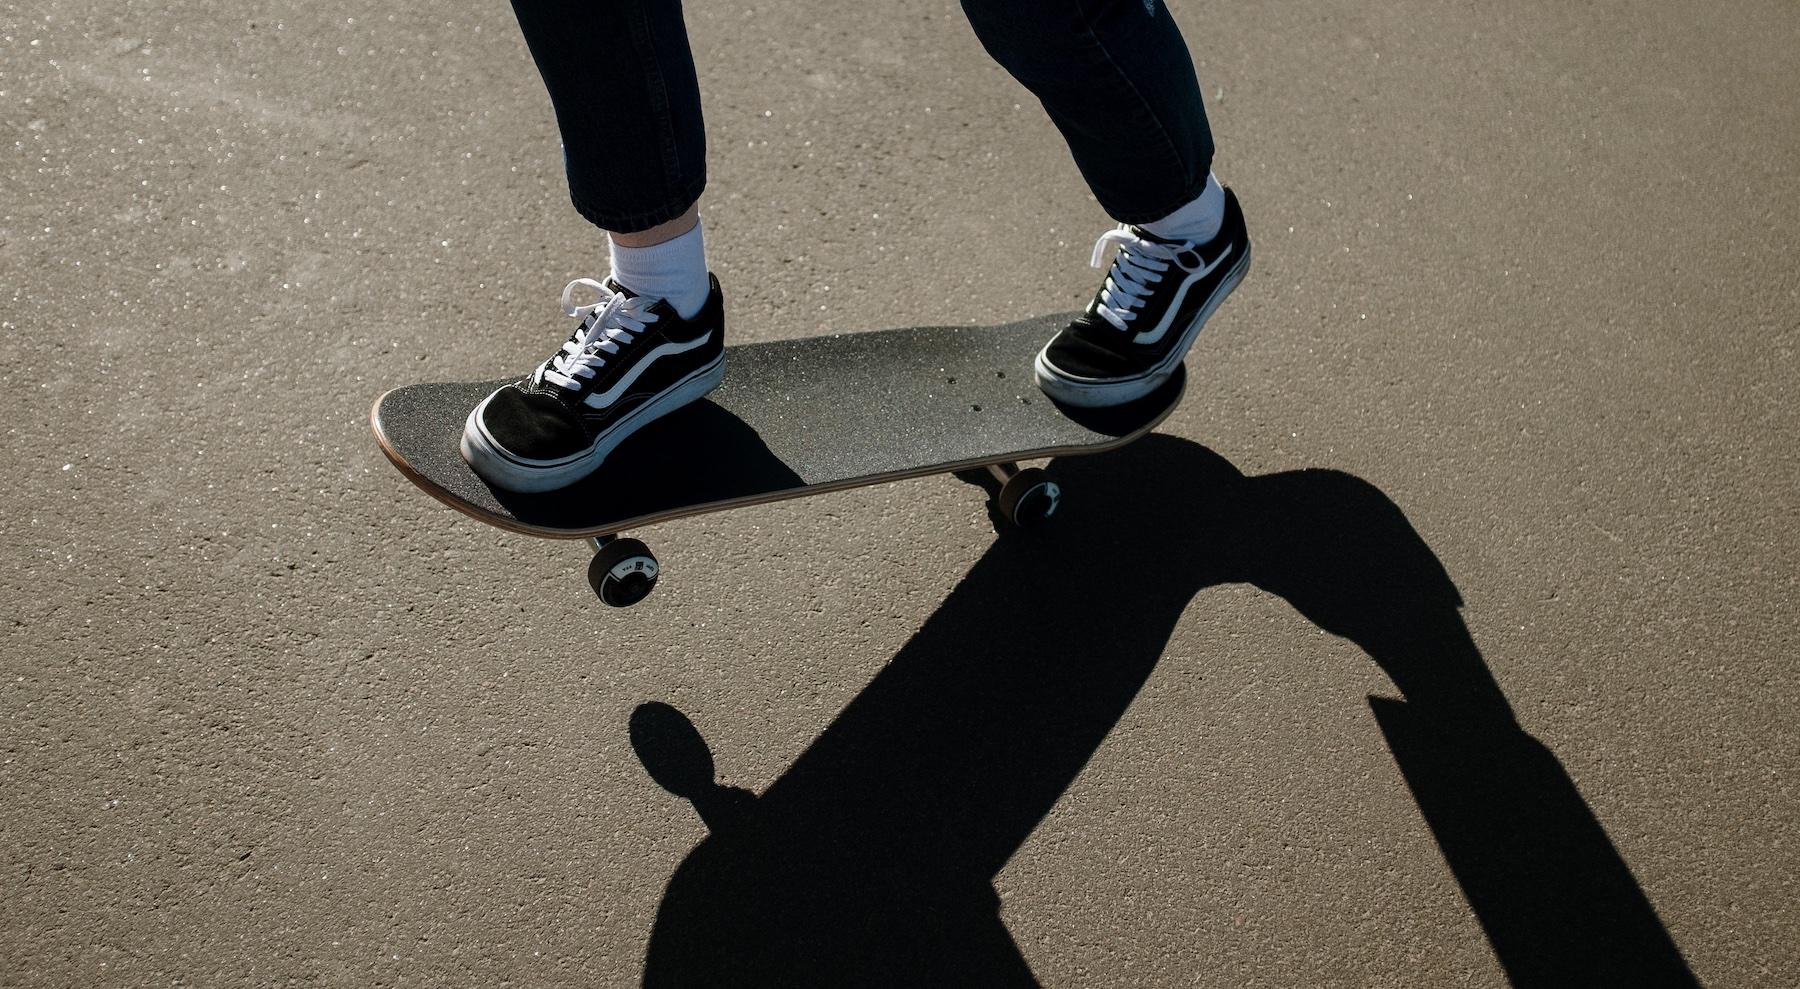 Skateboard & Longboards